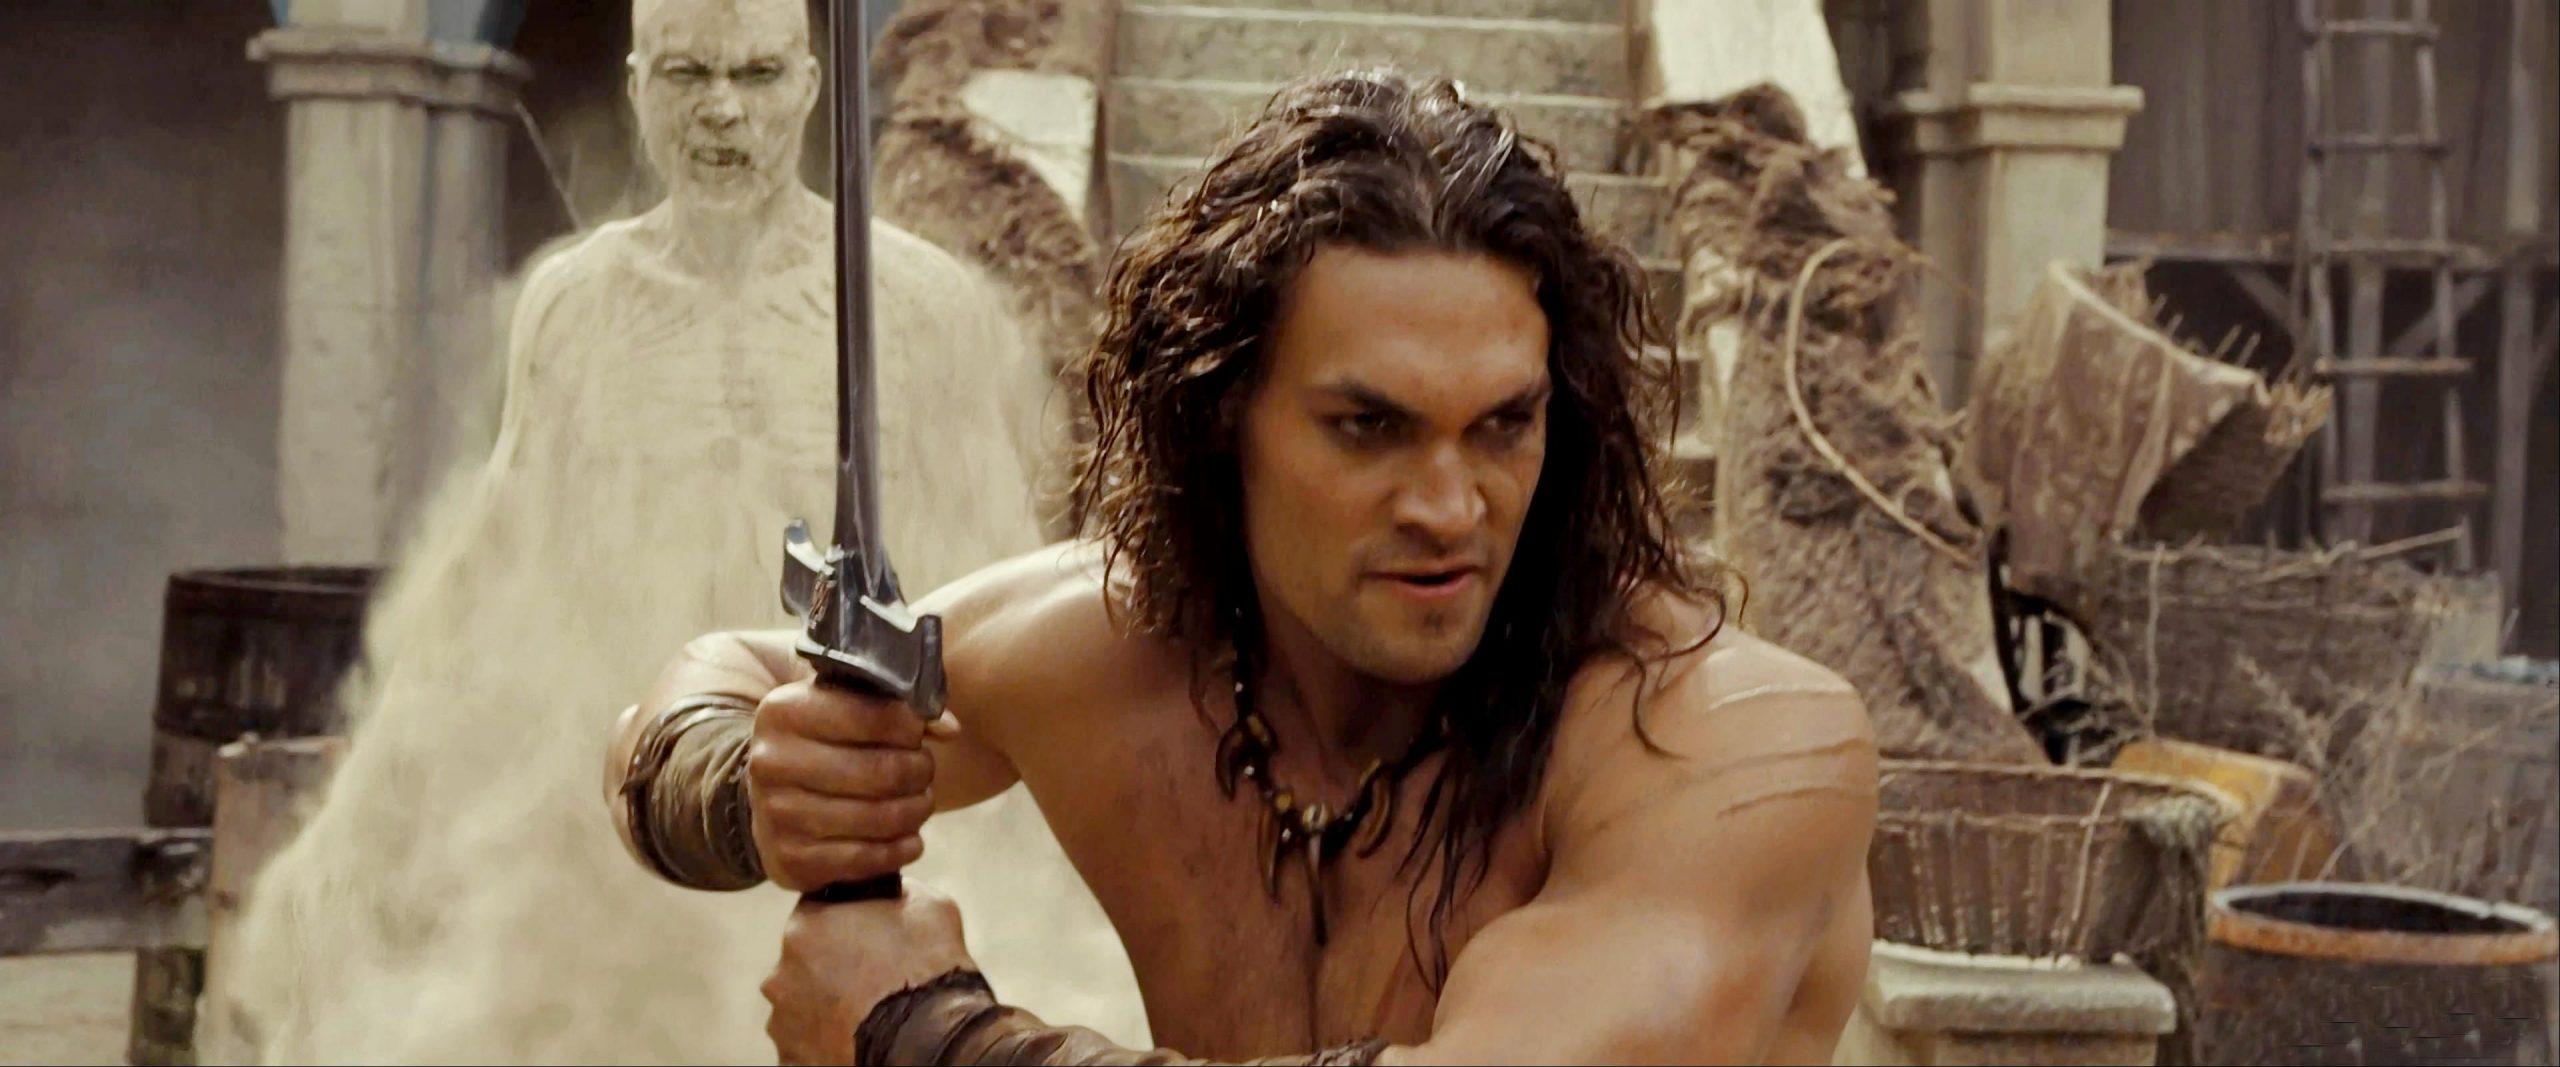 Conan 2011 Good review: conan the barbarian - everything action